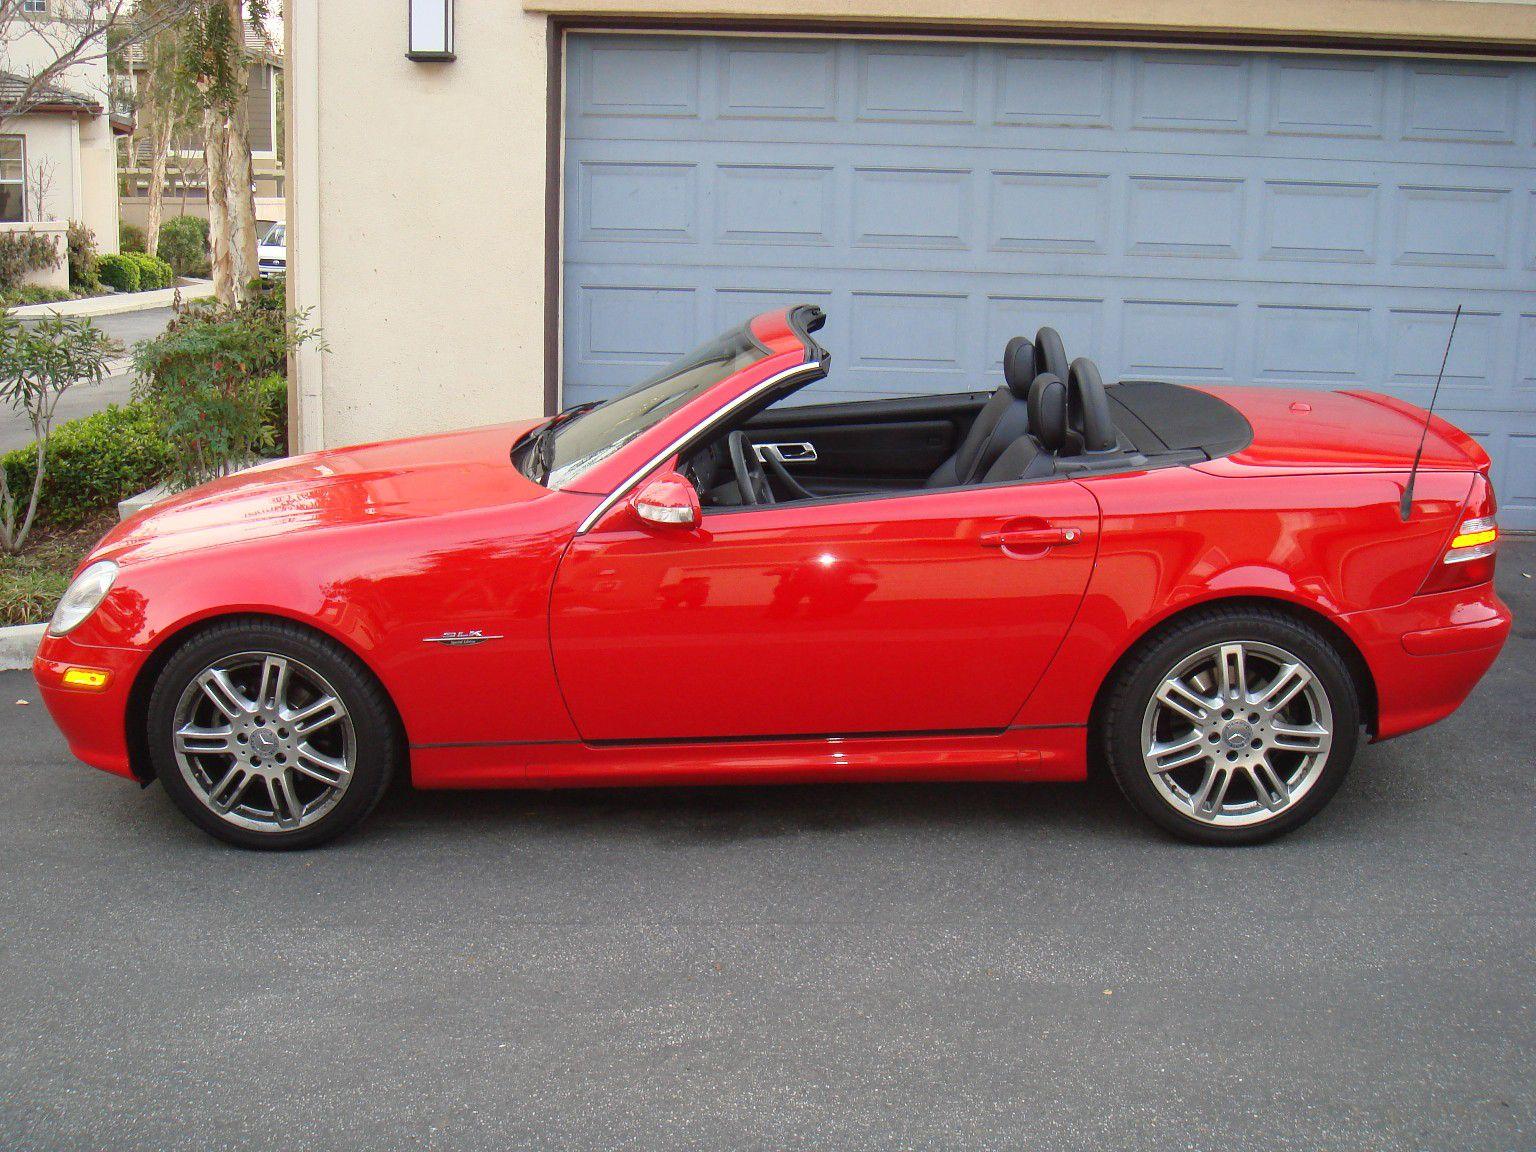 2004 Mercedes Slk 320 With Images Mercedes Benz Slk Mercedes